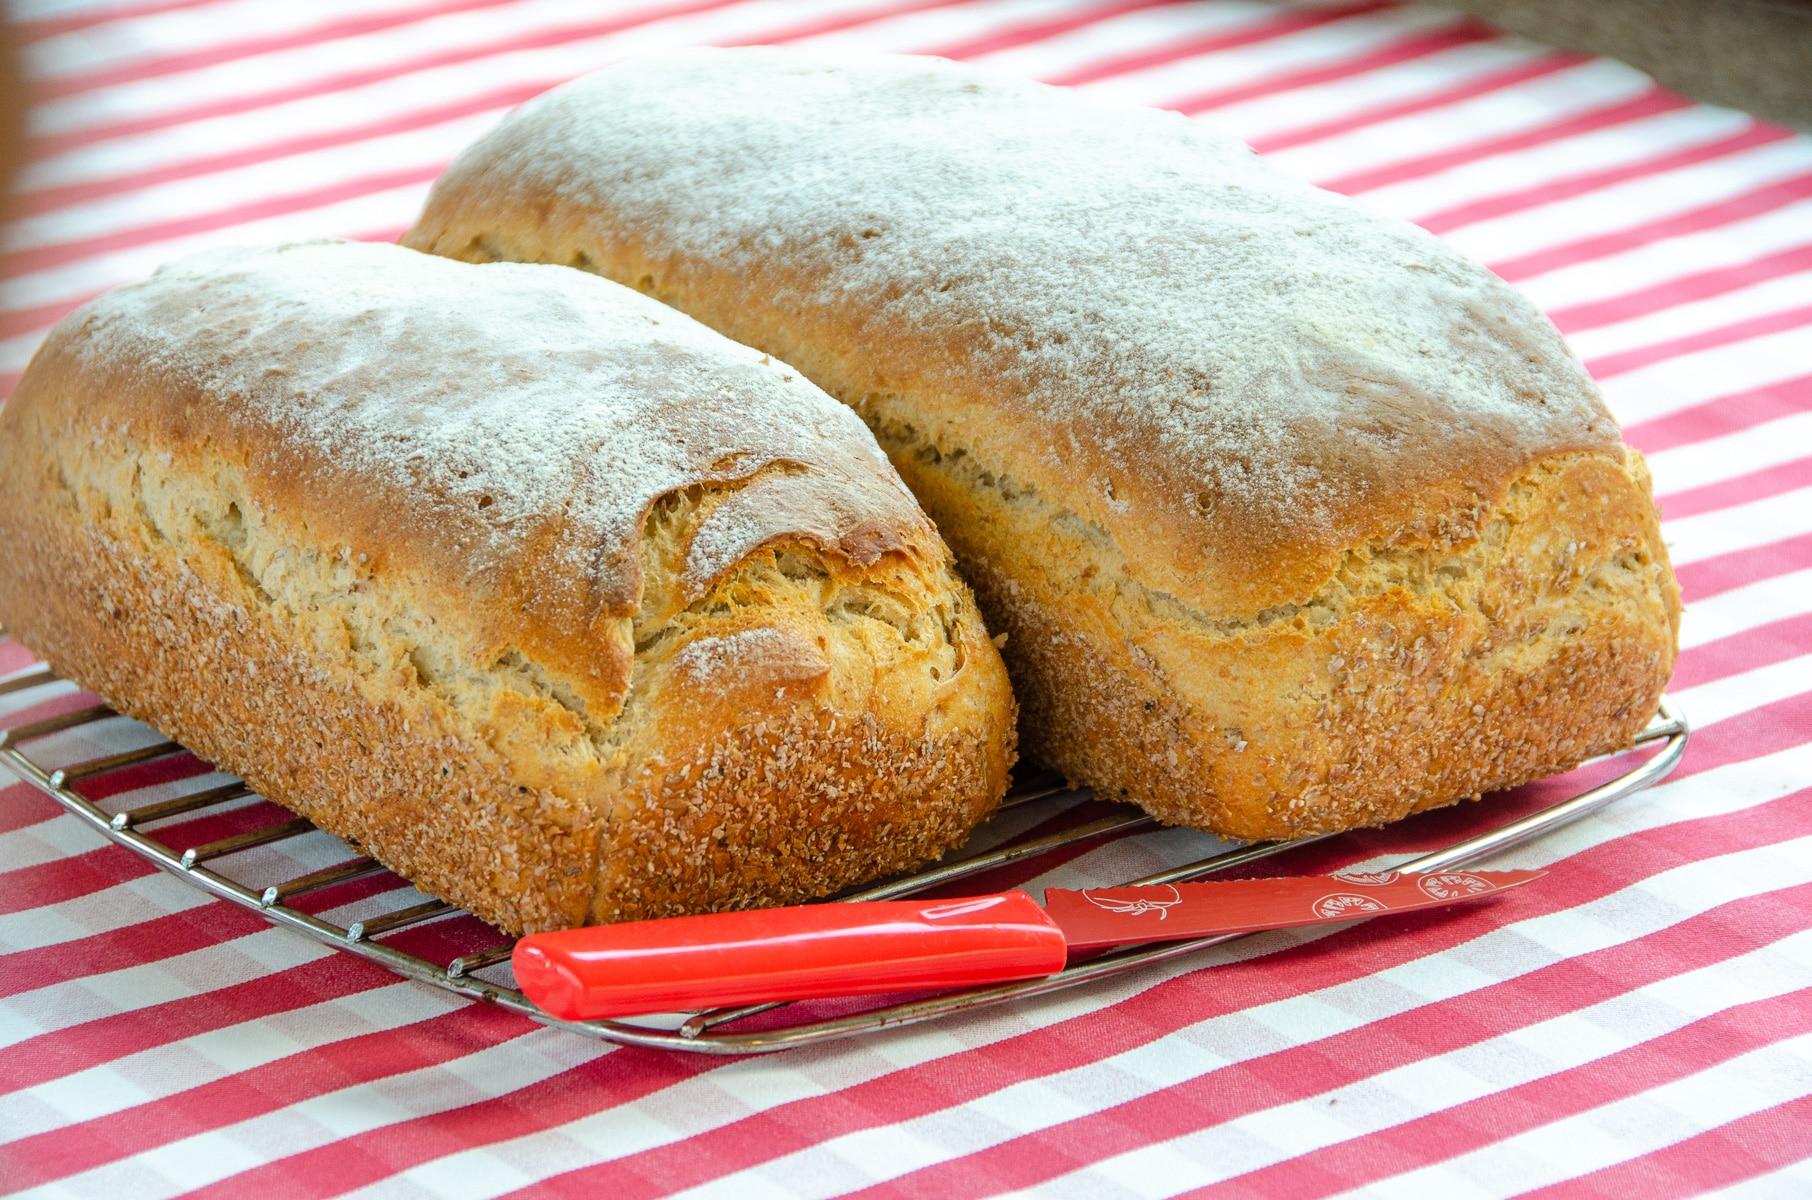 Chleb pszenno żytni Rike Mezker, piękne rumiane bochenki